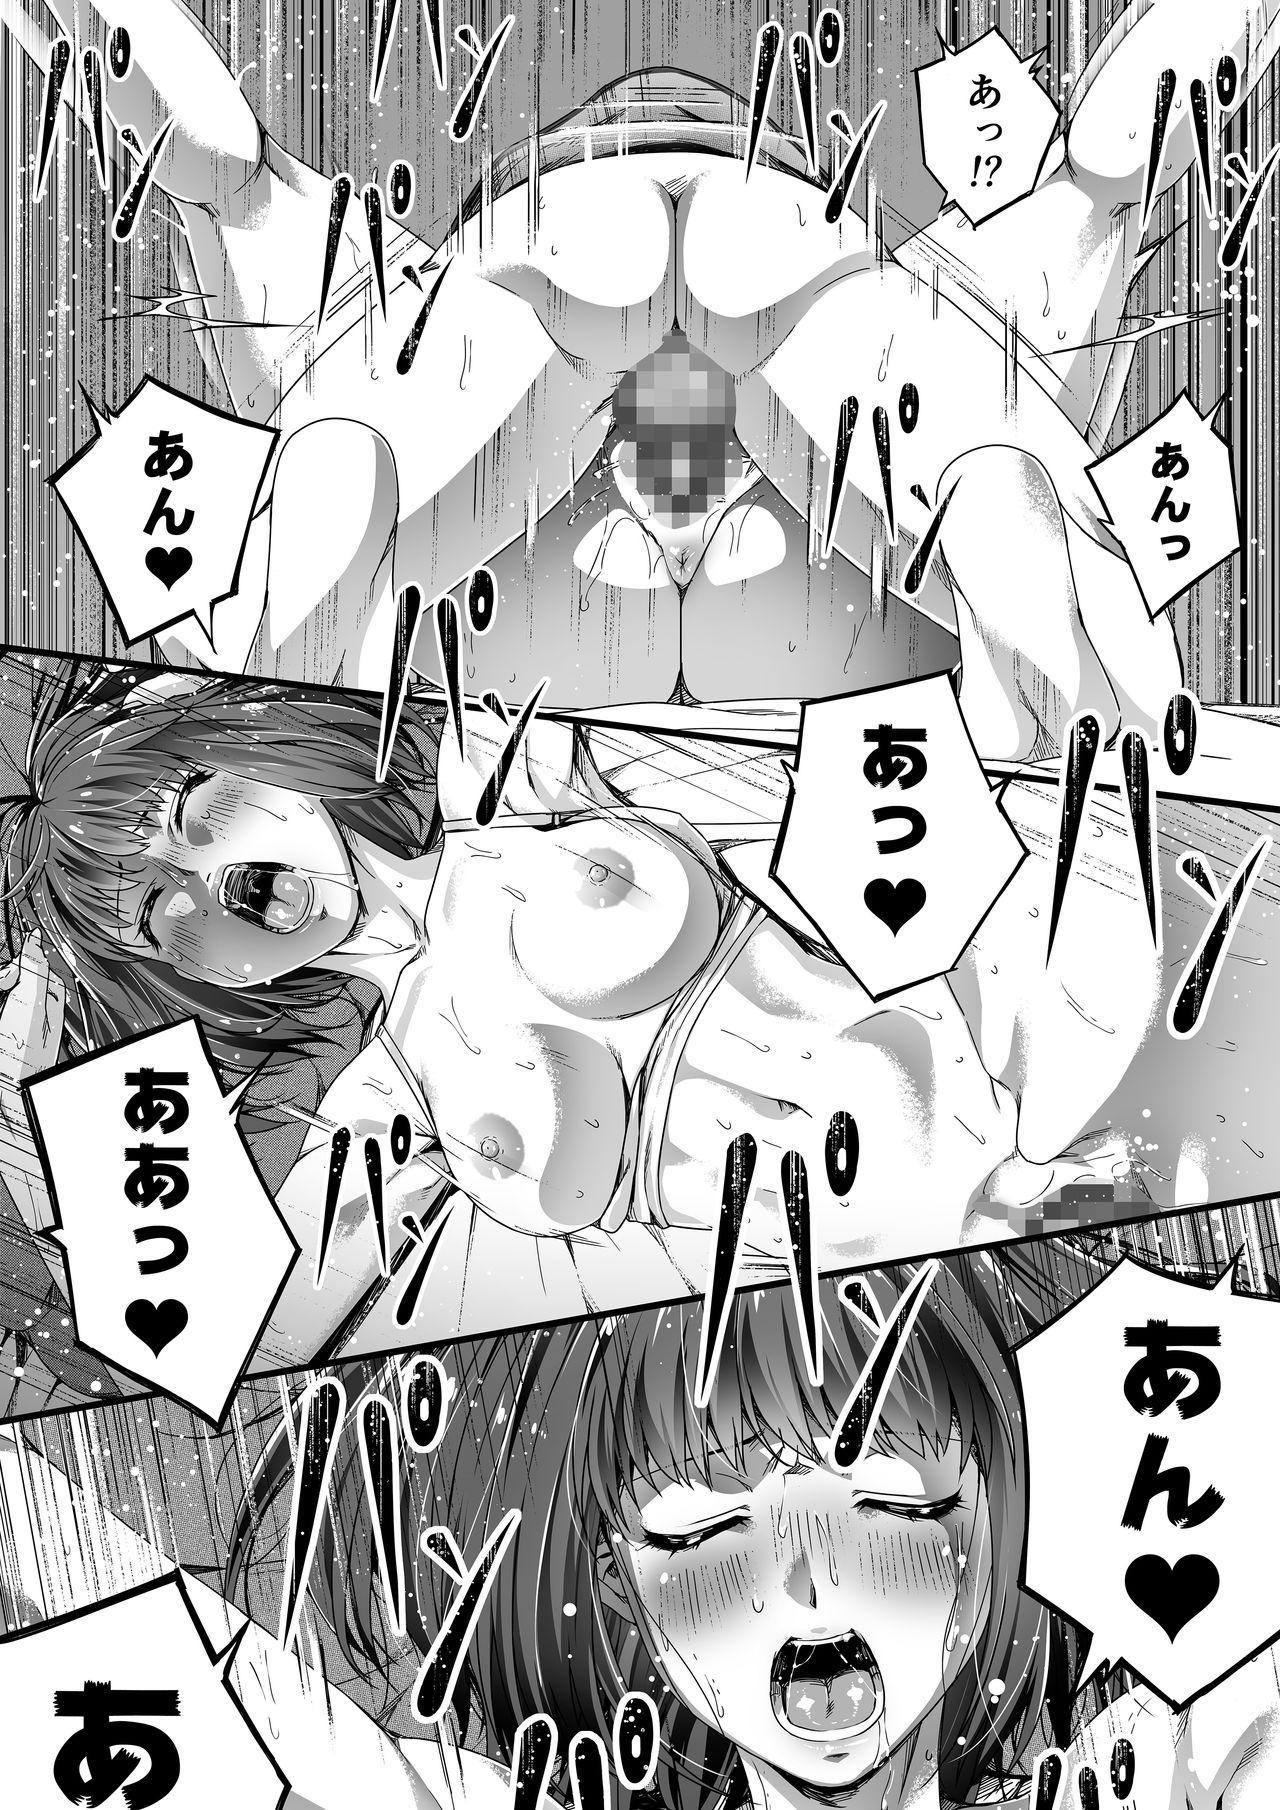 Ore wa Kanojo o Tomenakatta. Omake no Ohanashi 31